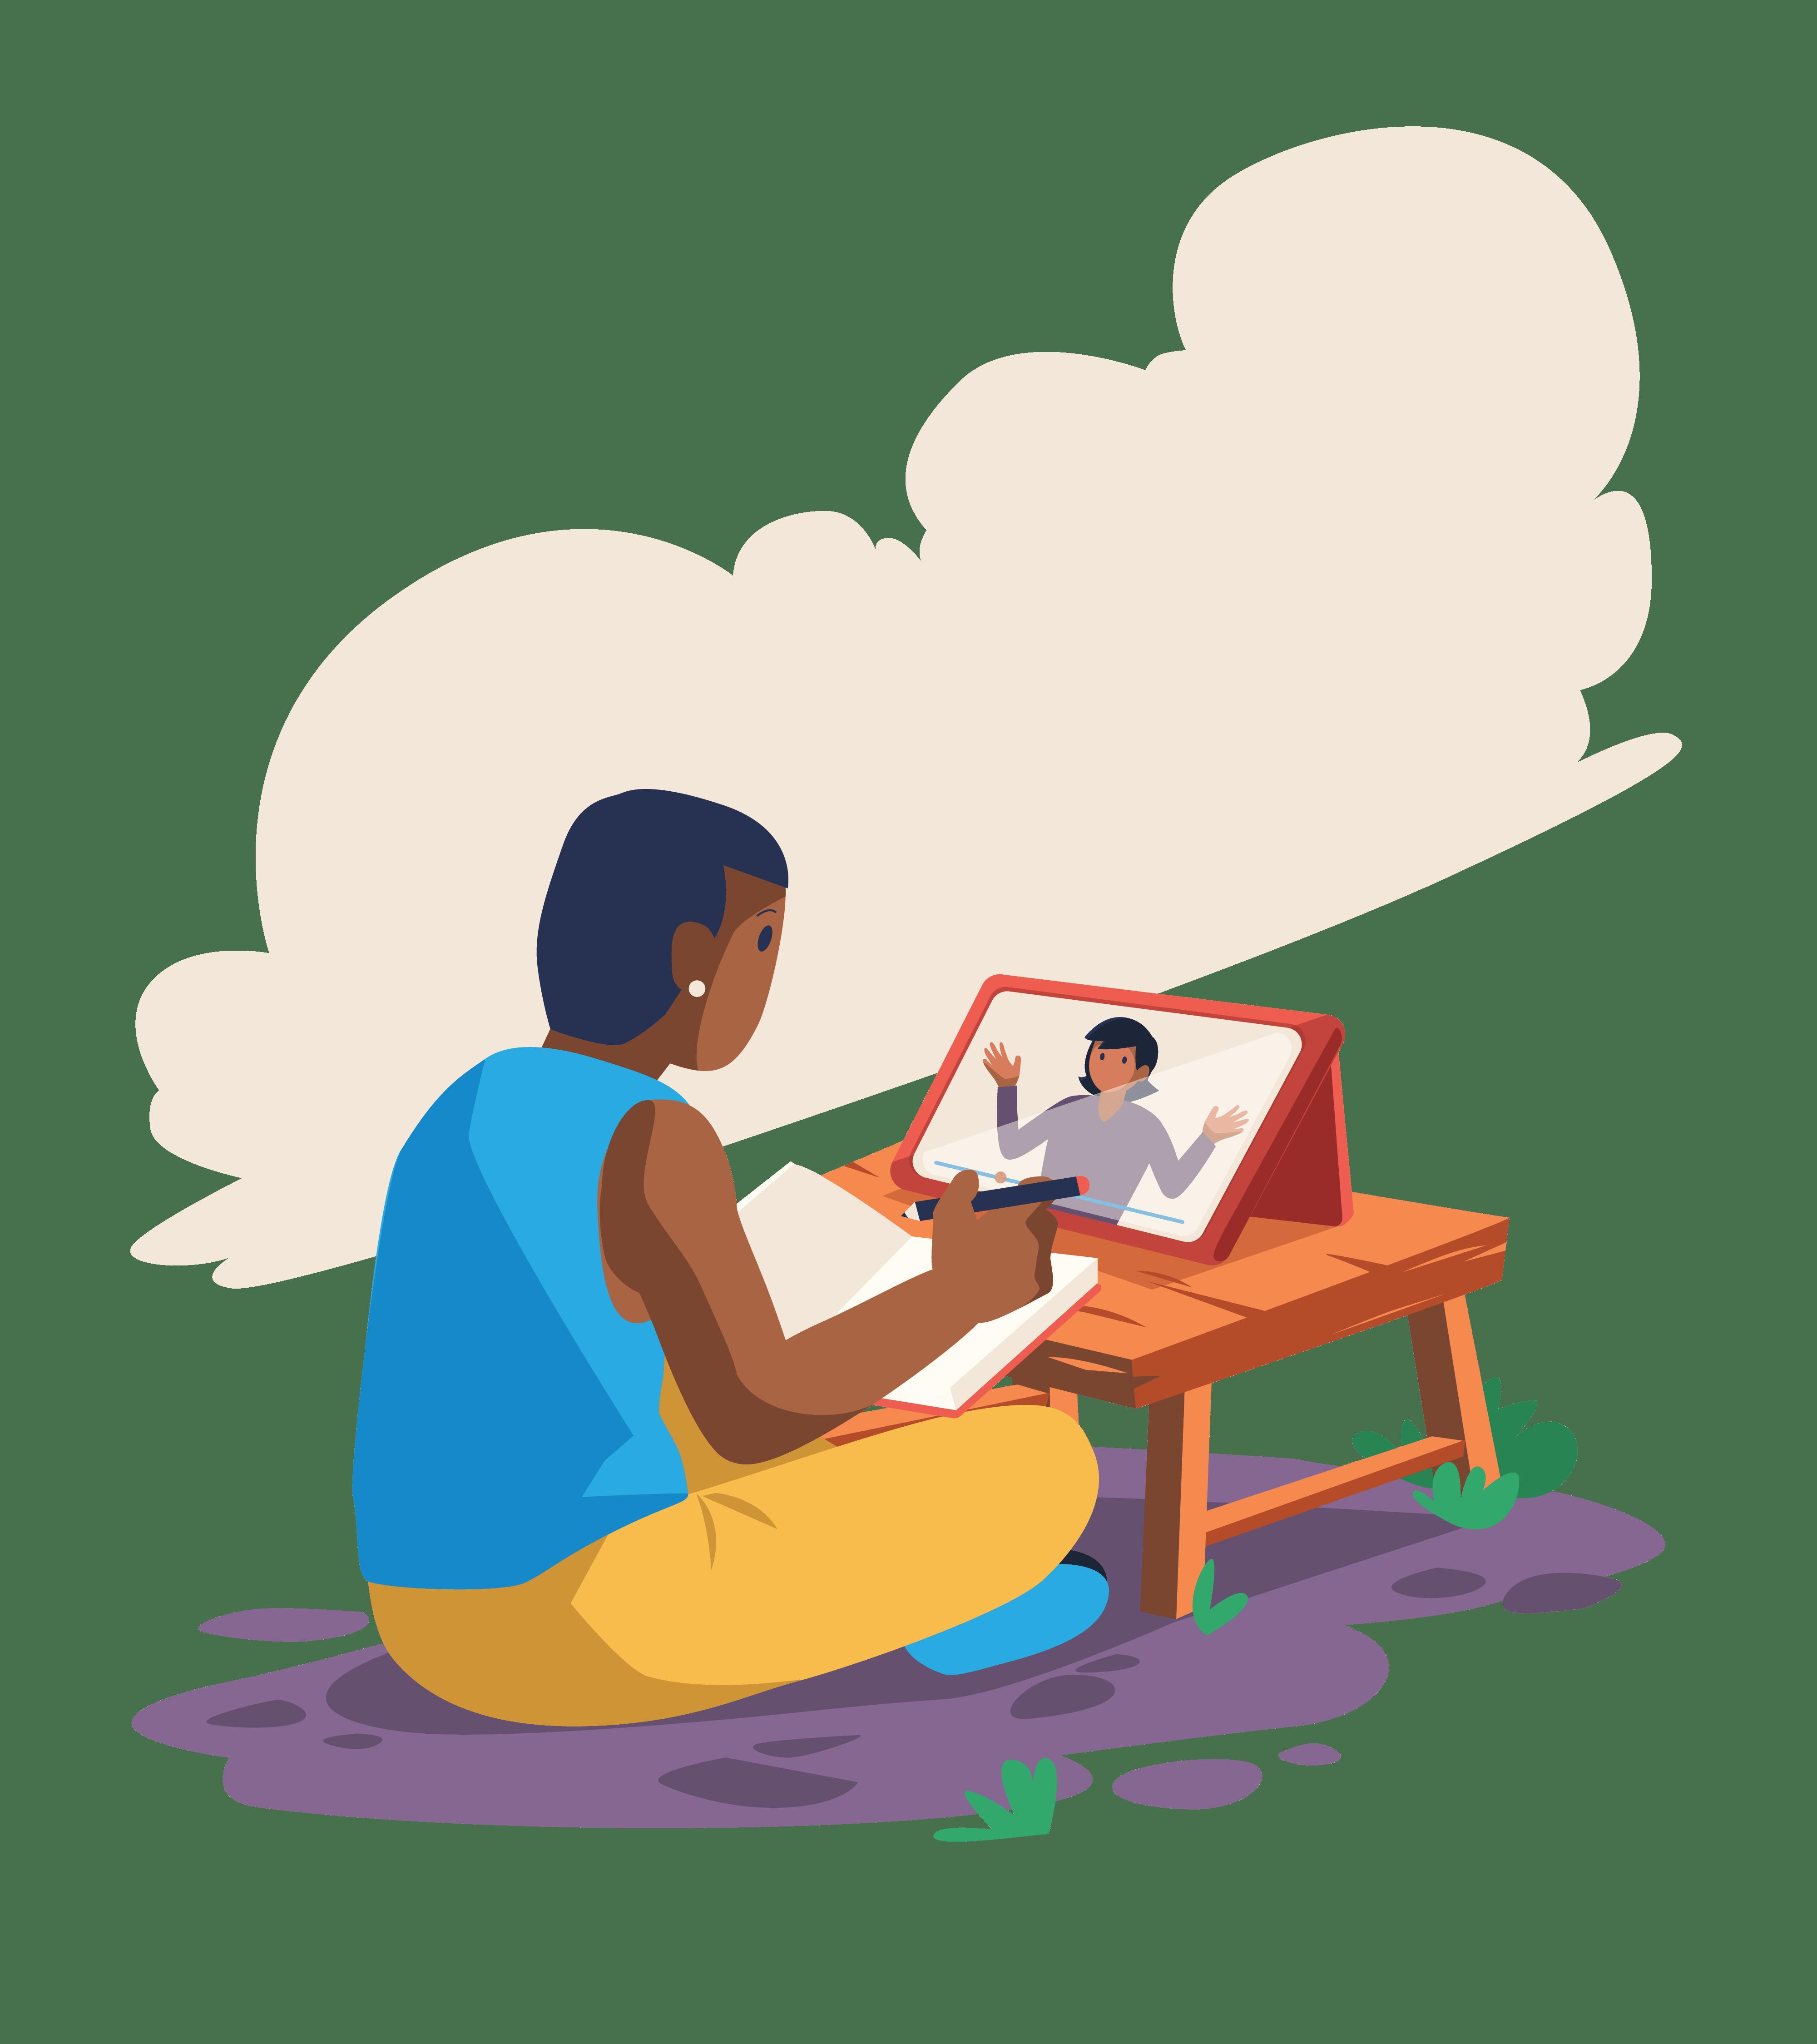 website/illustration-e-learning_gakkua